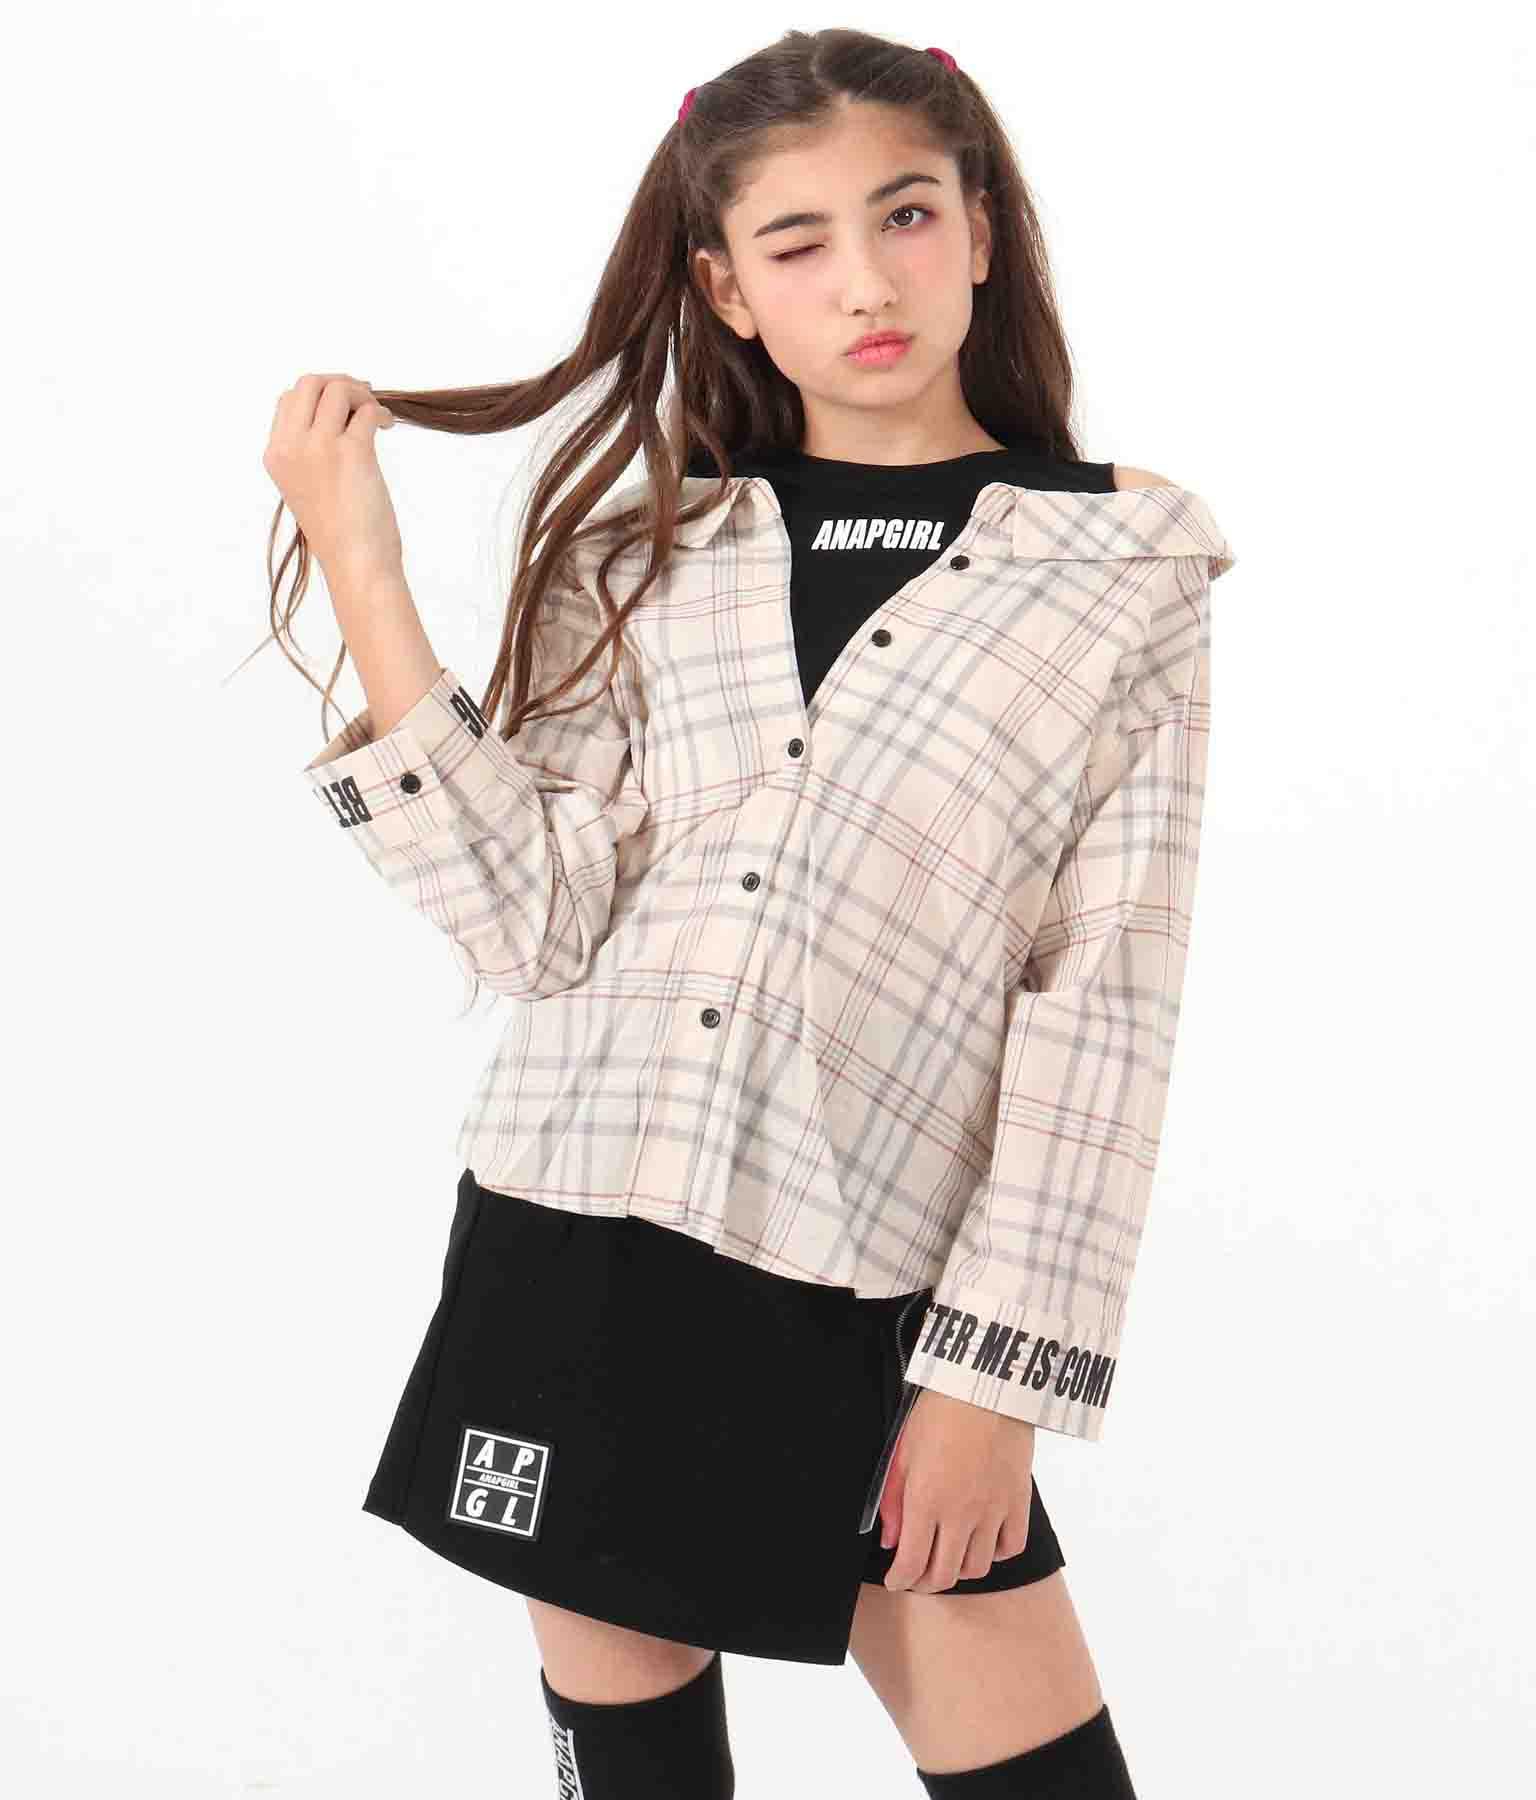 オフショルダーチェックシャツトップス(トップス/チェックシャツ・シャツ・ブラウス)   ANAP GiRL